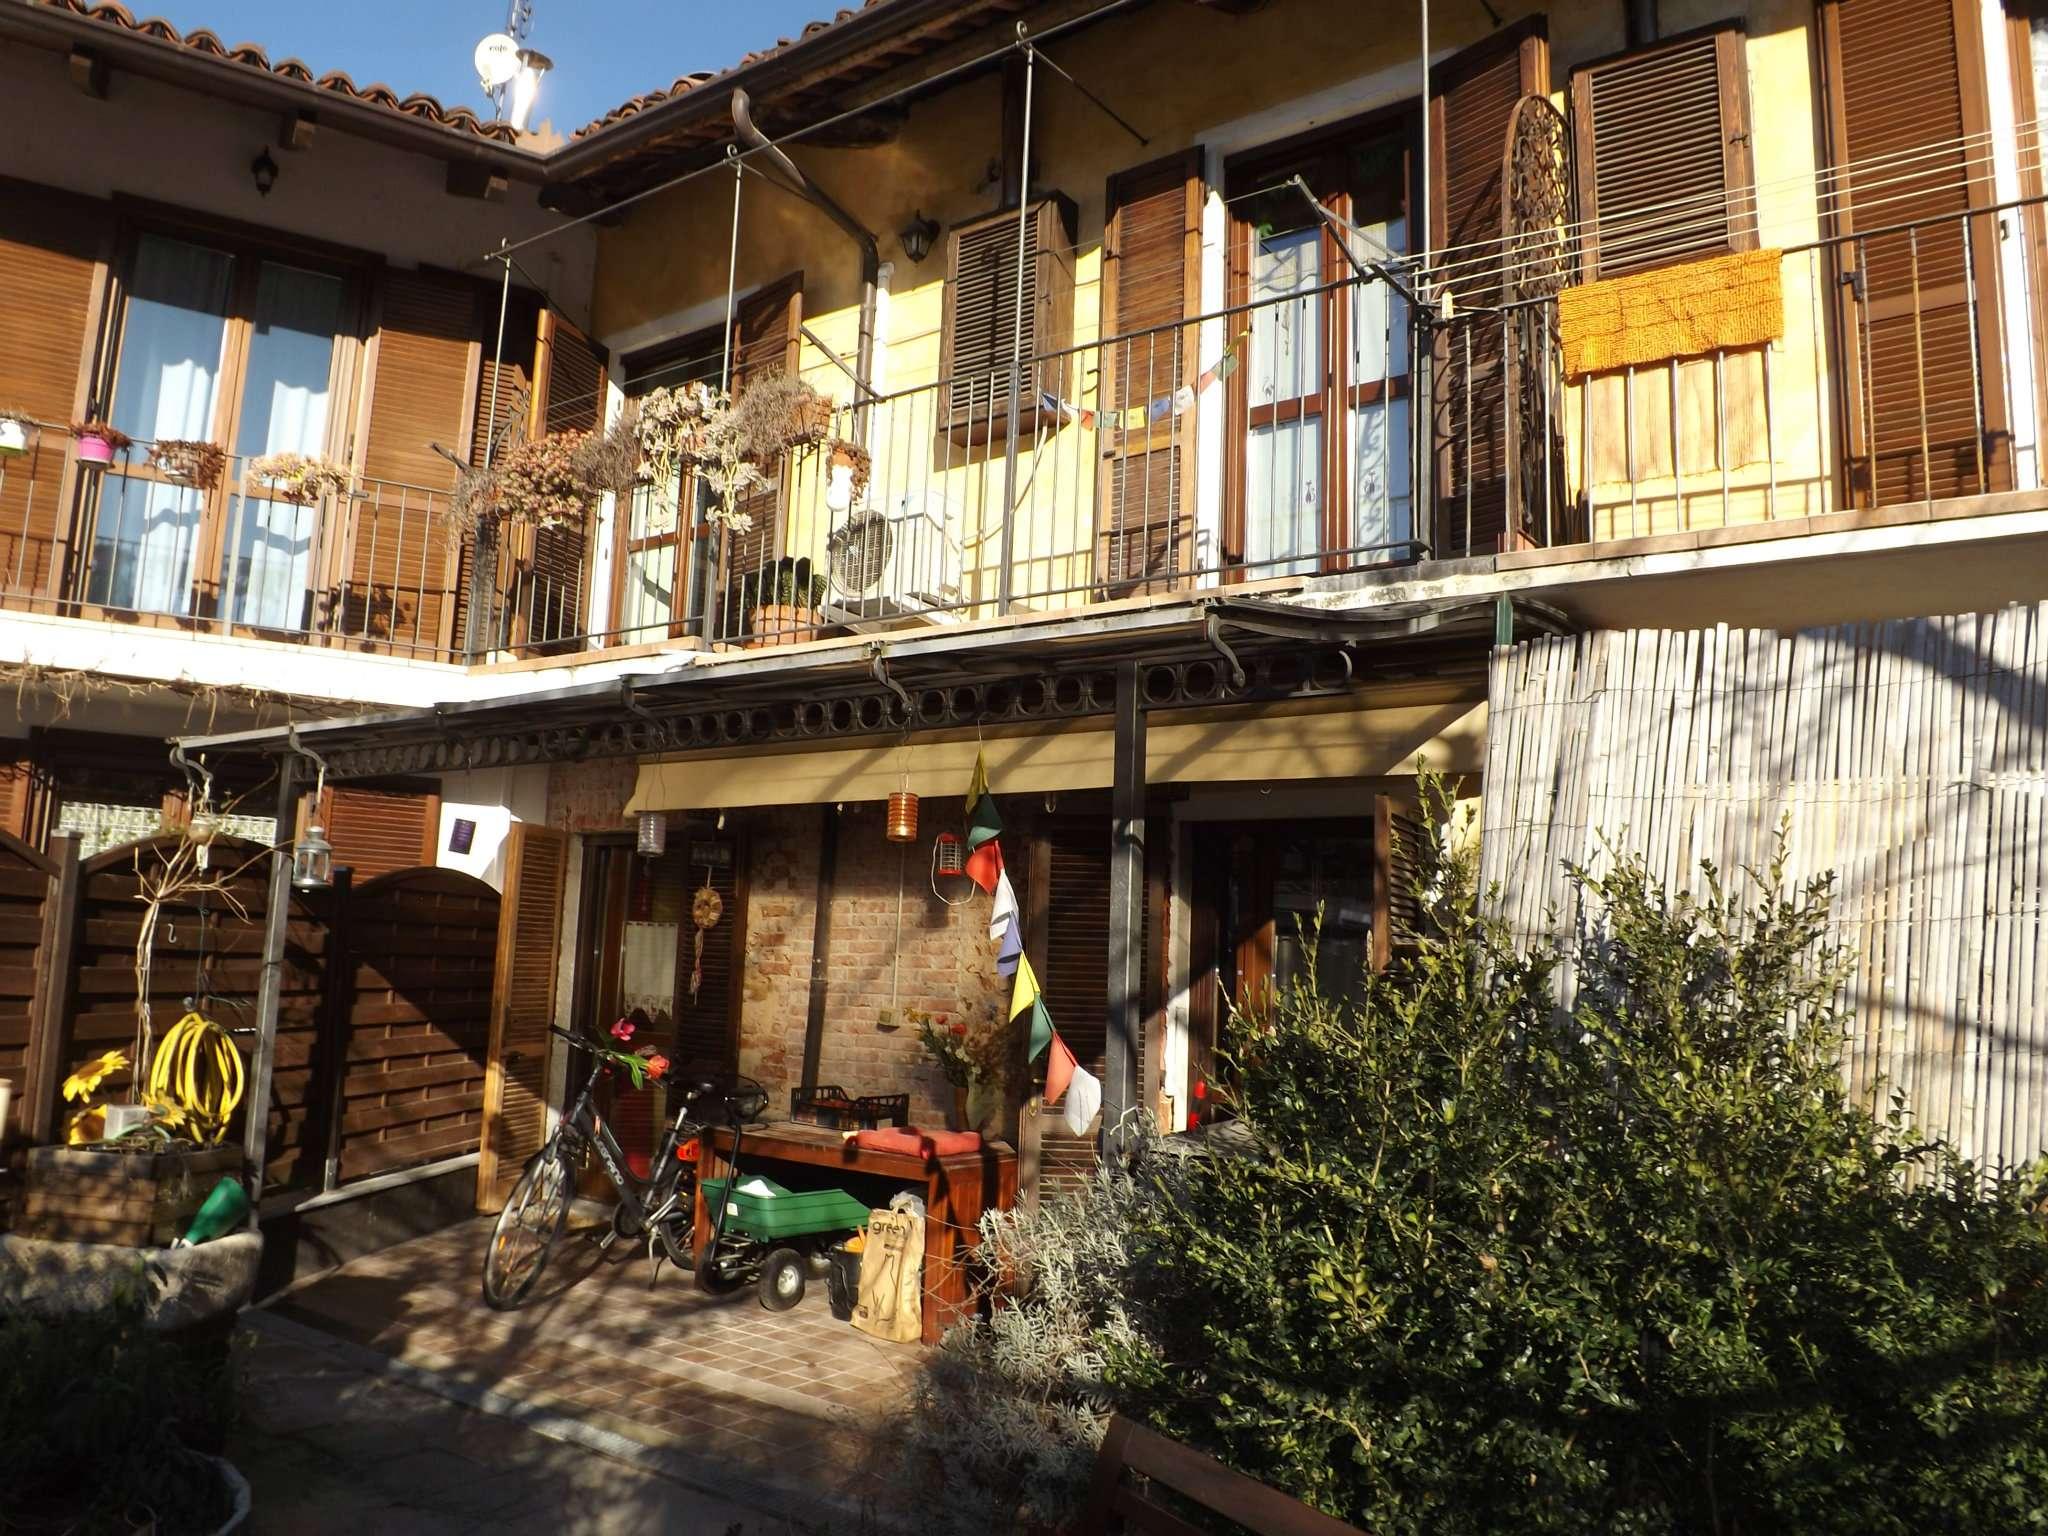 Villetta a Schiera in vendita vicolo iv novembre 10 Villarbasse